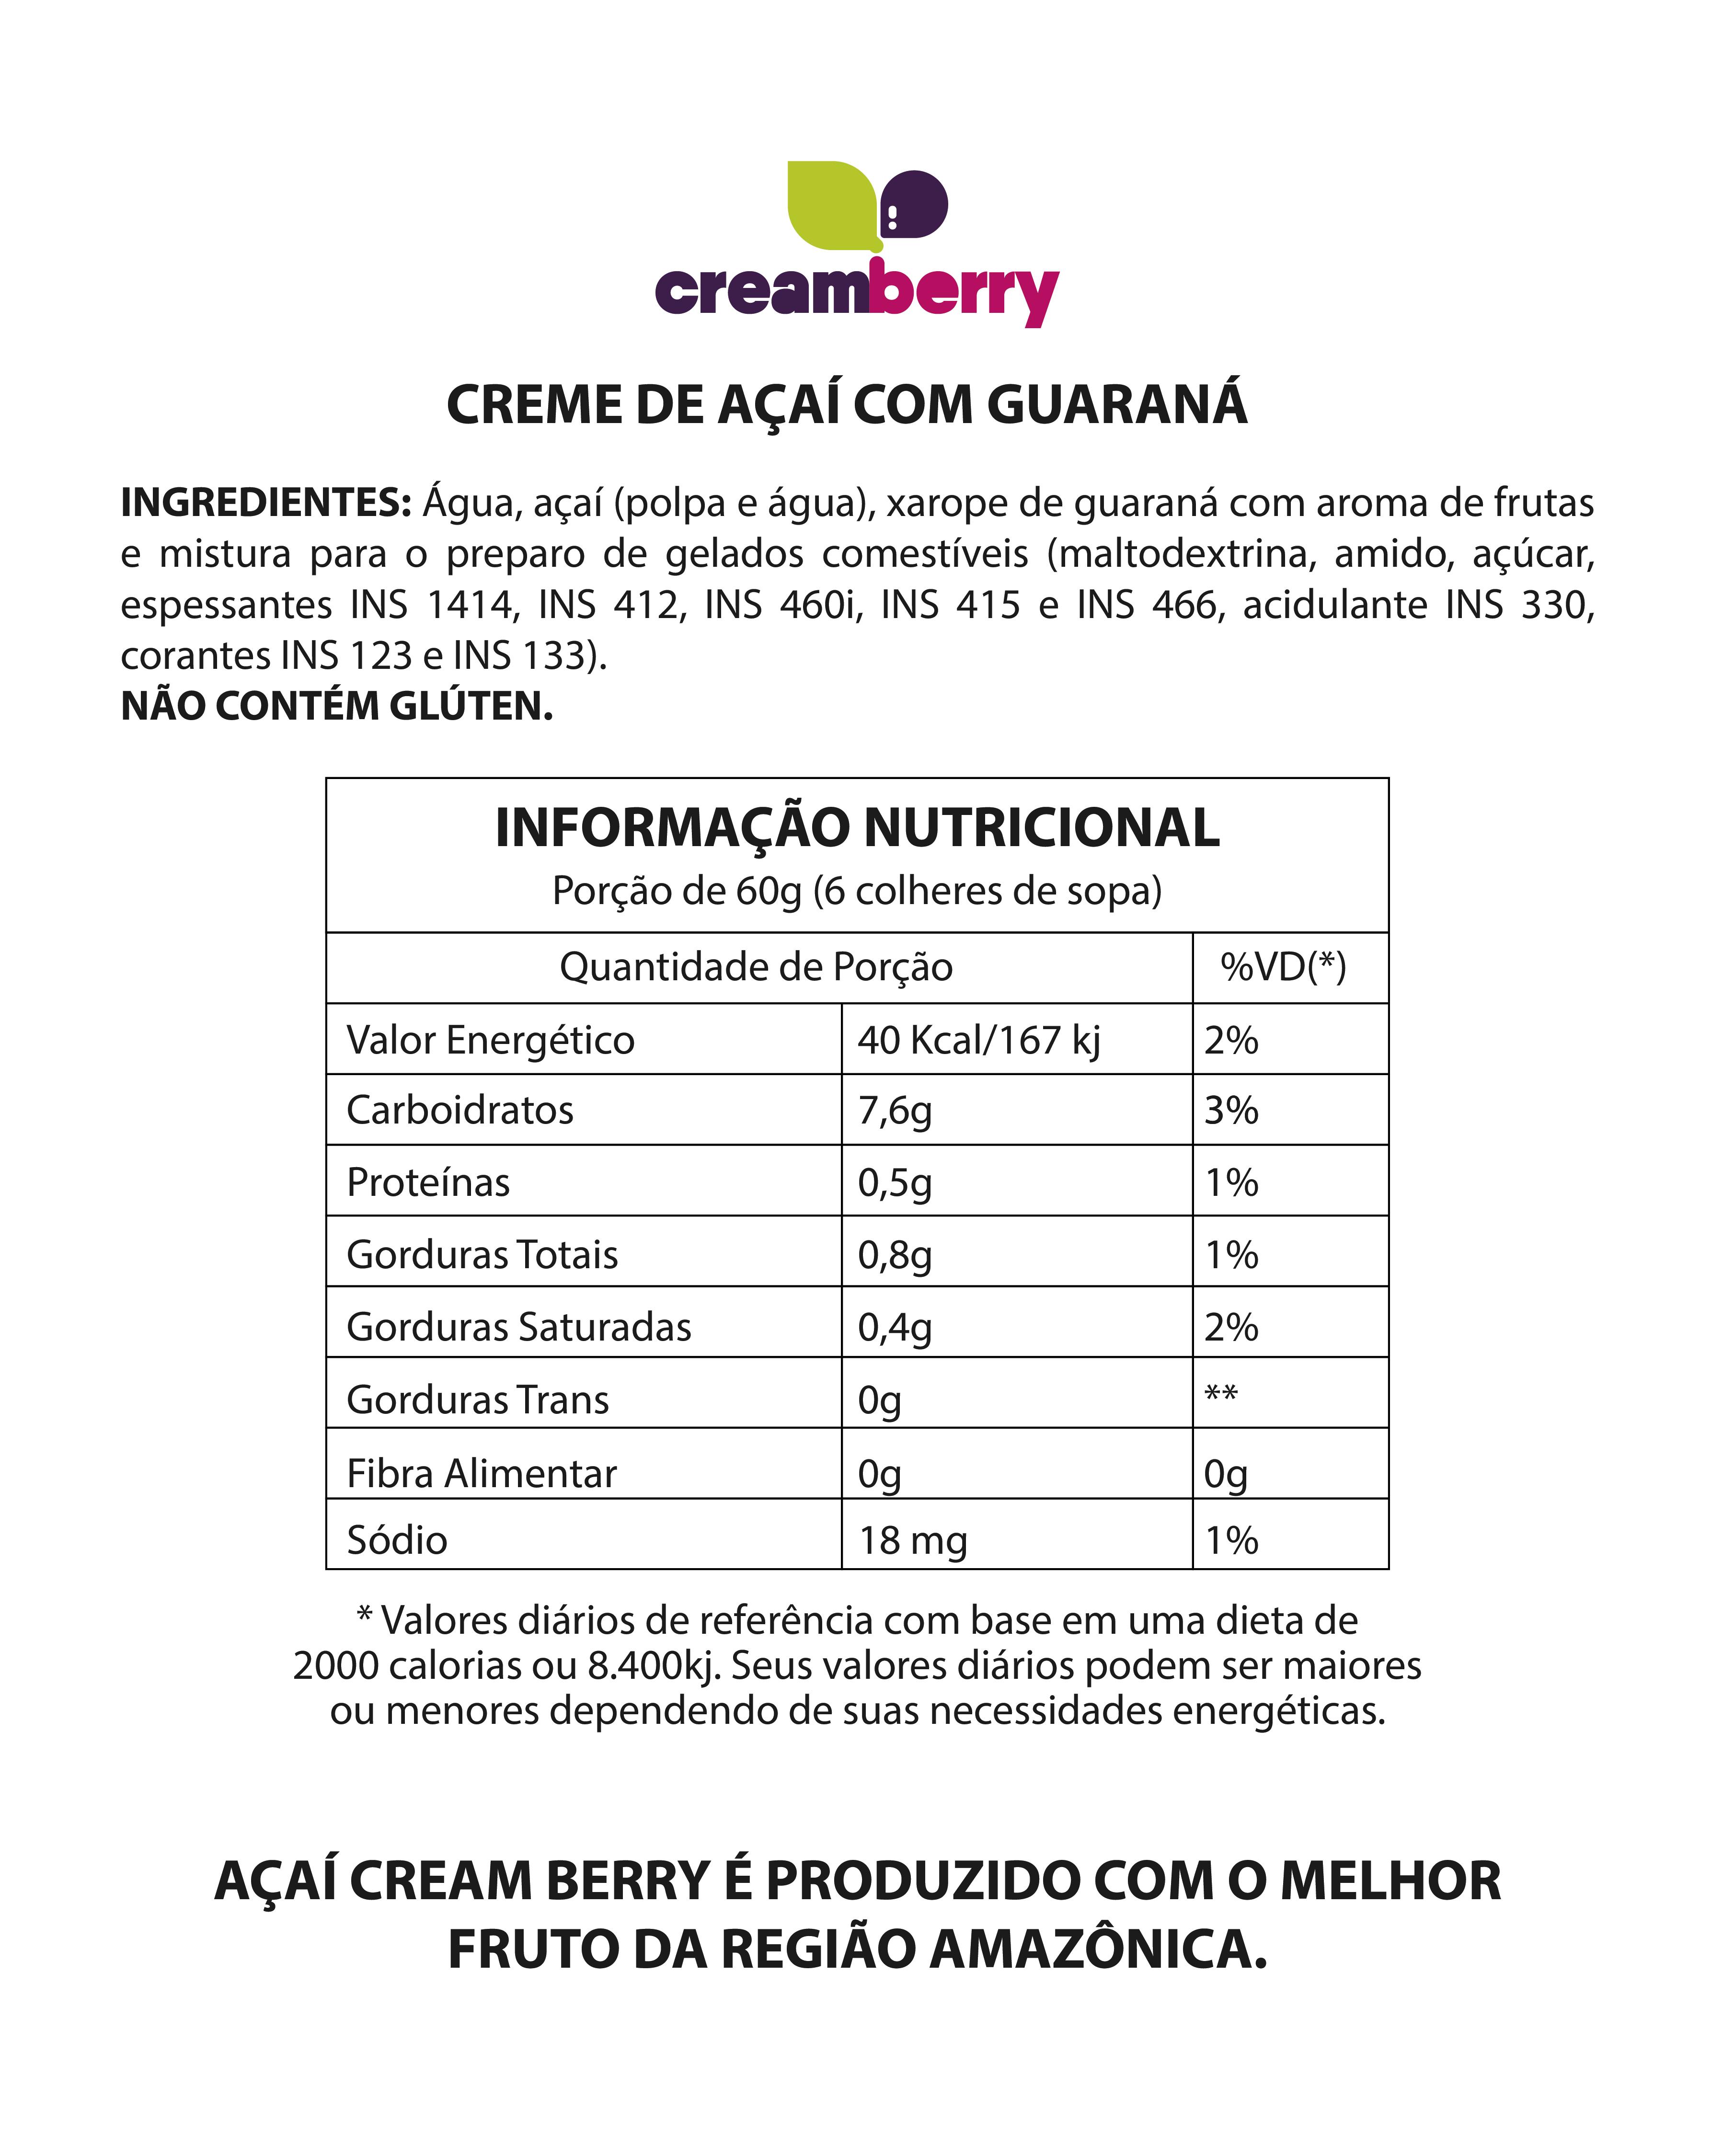 imagem da tabela nutricional do açaí cream berry